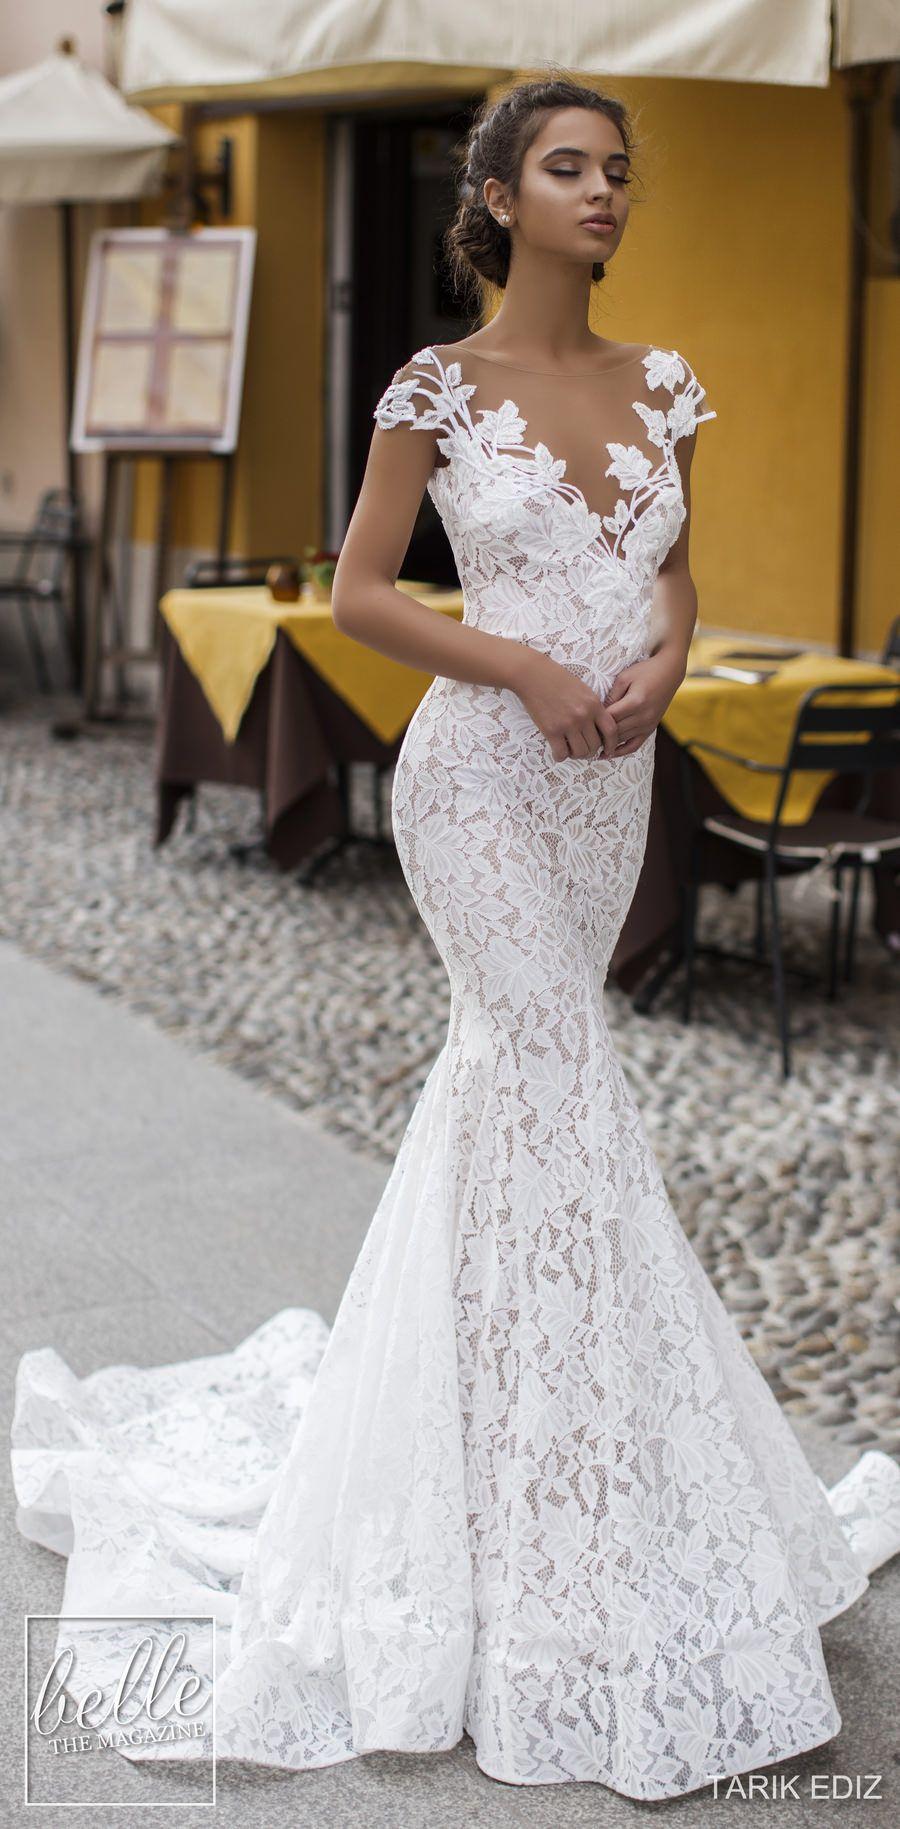 Tarik Ediz Wedding Dresses 2019 Lace Mermaid Wedding Dress Gorgeous Wedding Dress White Wedding Dresses